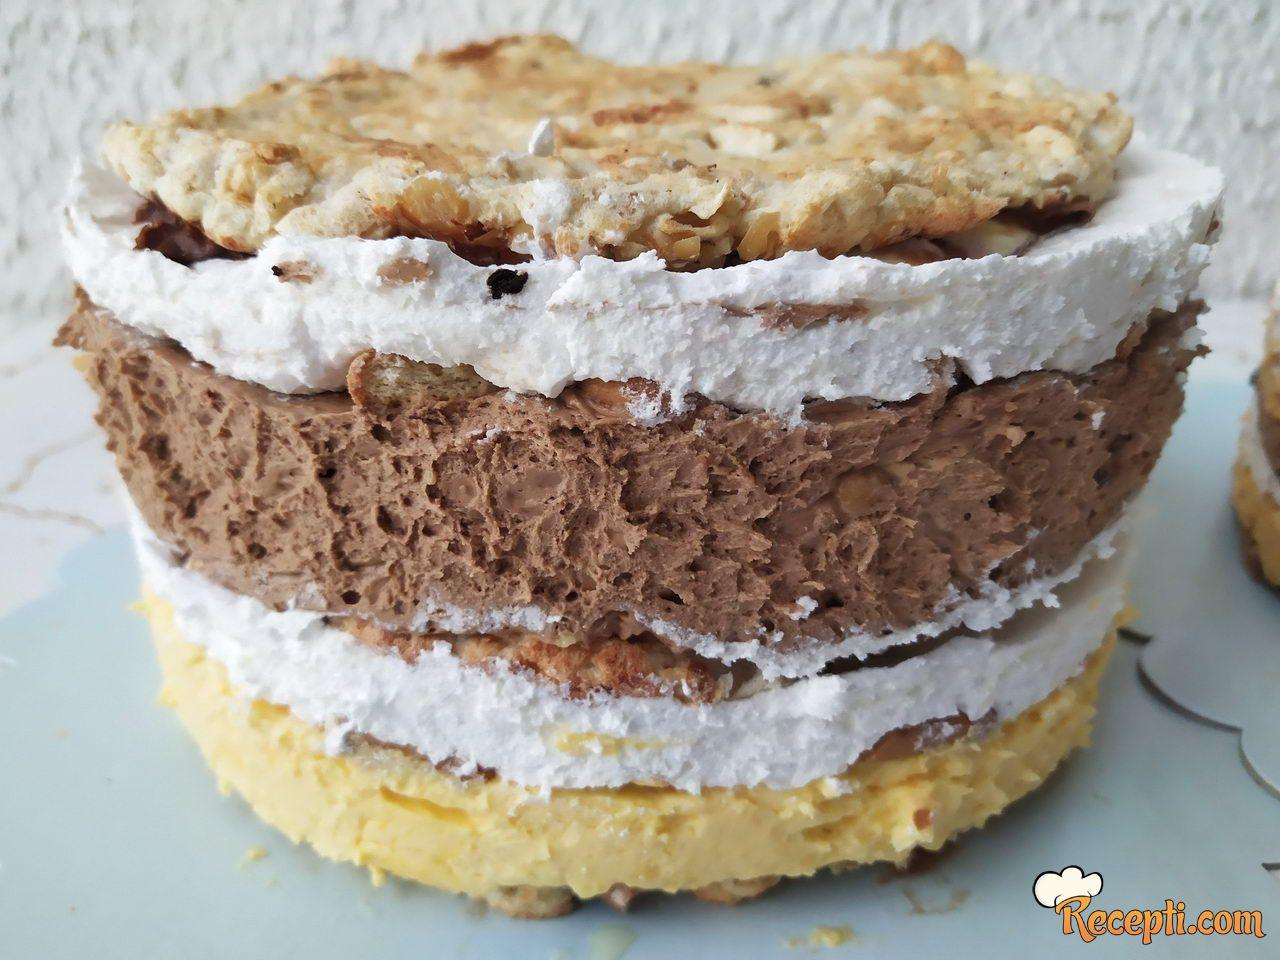 Kinder torta (26)